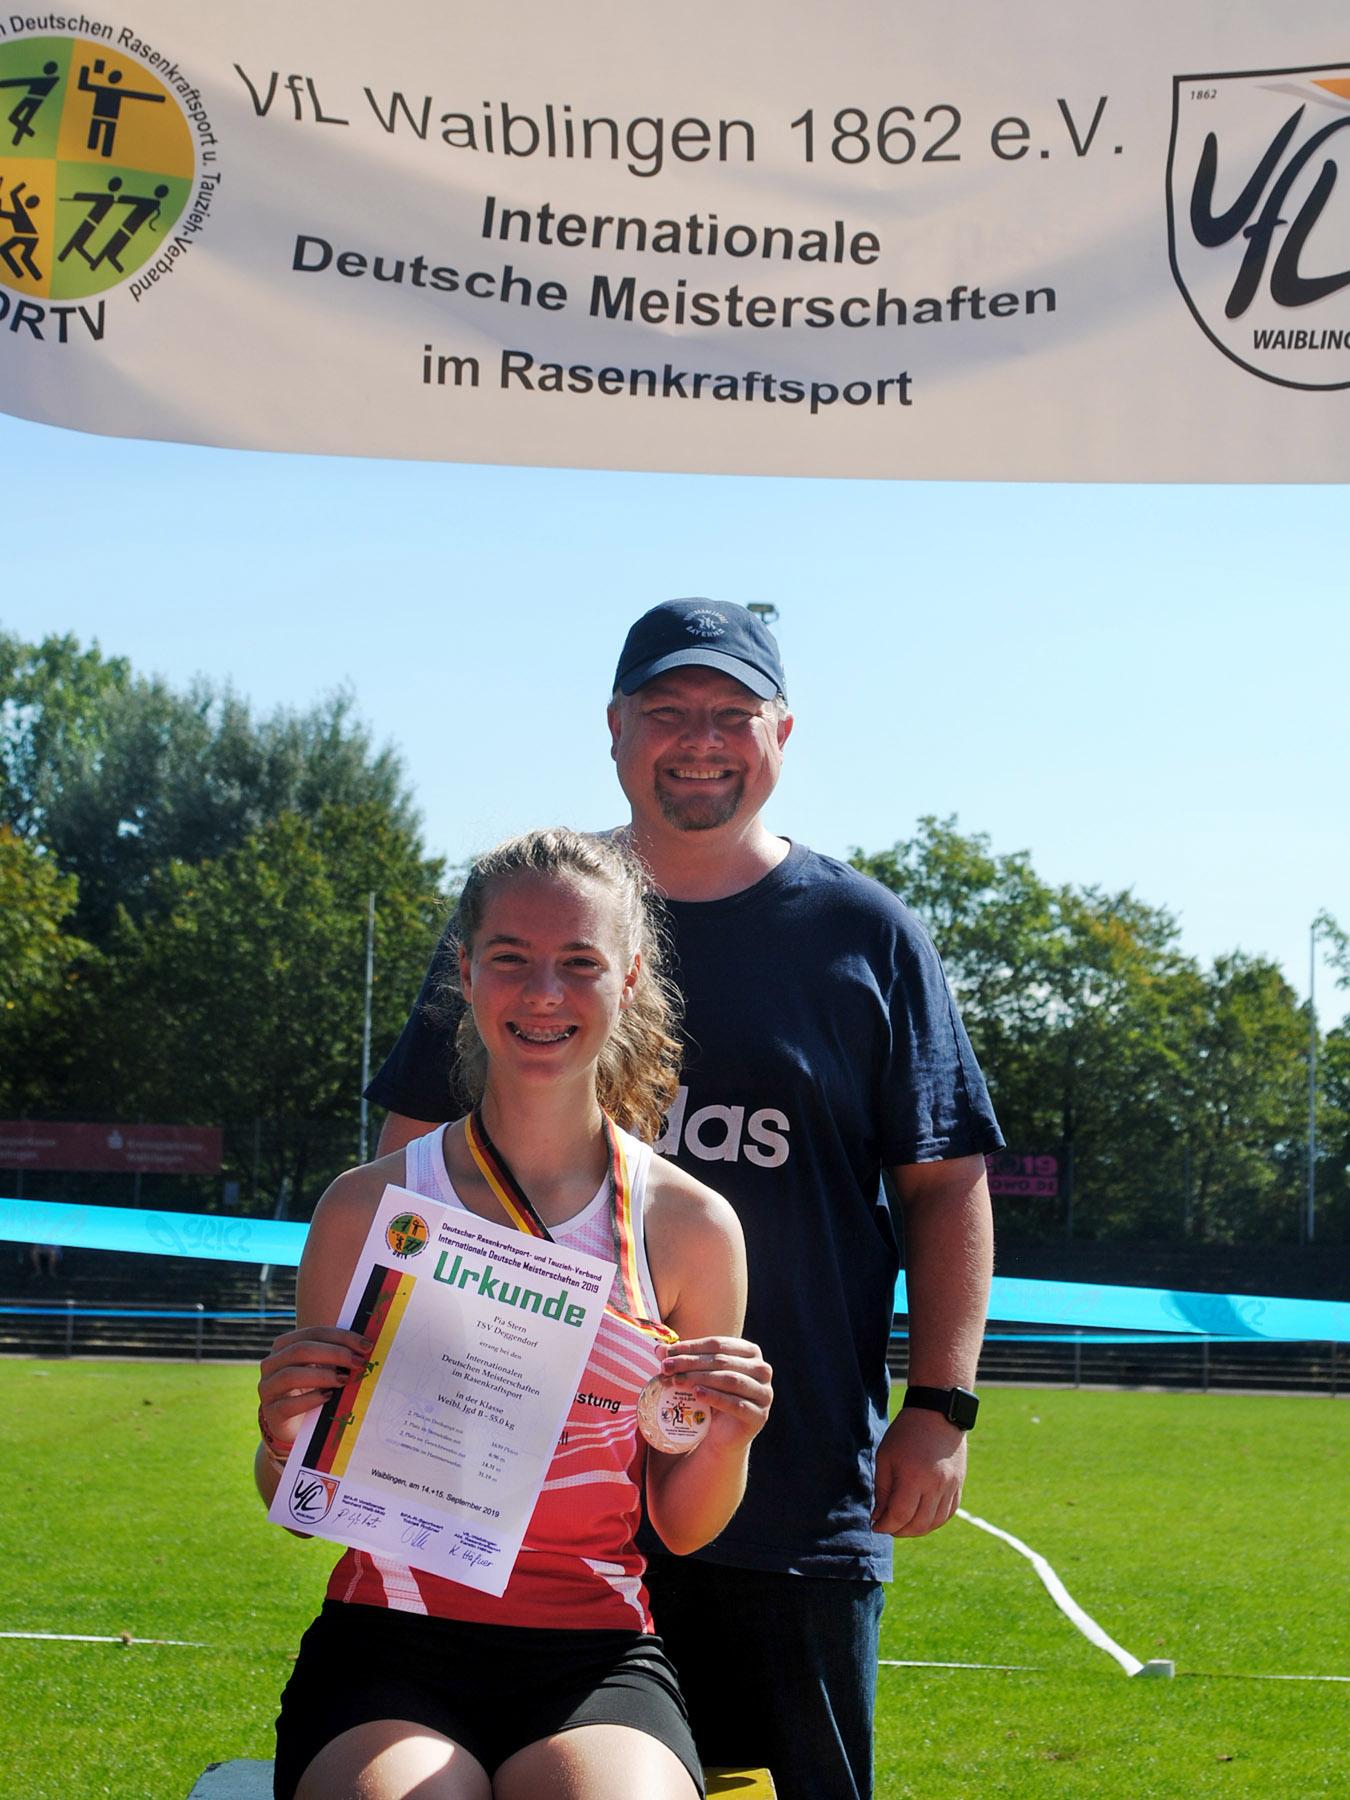 einzigartiger Stil 2019 echt Billiger Preis Deutsche Nachwuchsmeisterschaft Rasenkraftsport